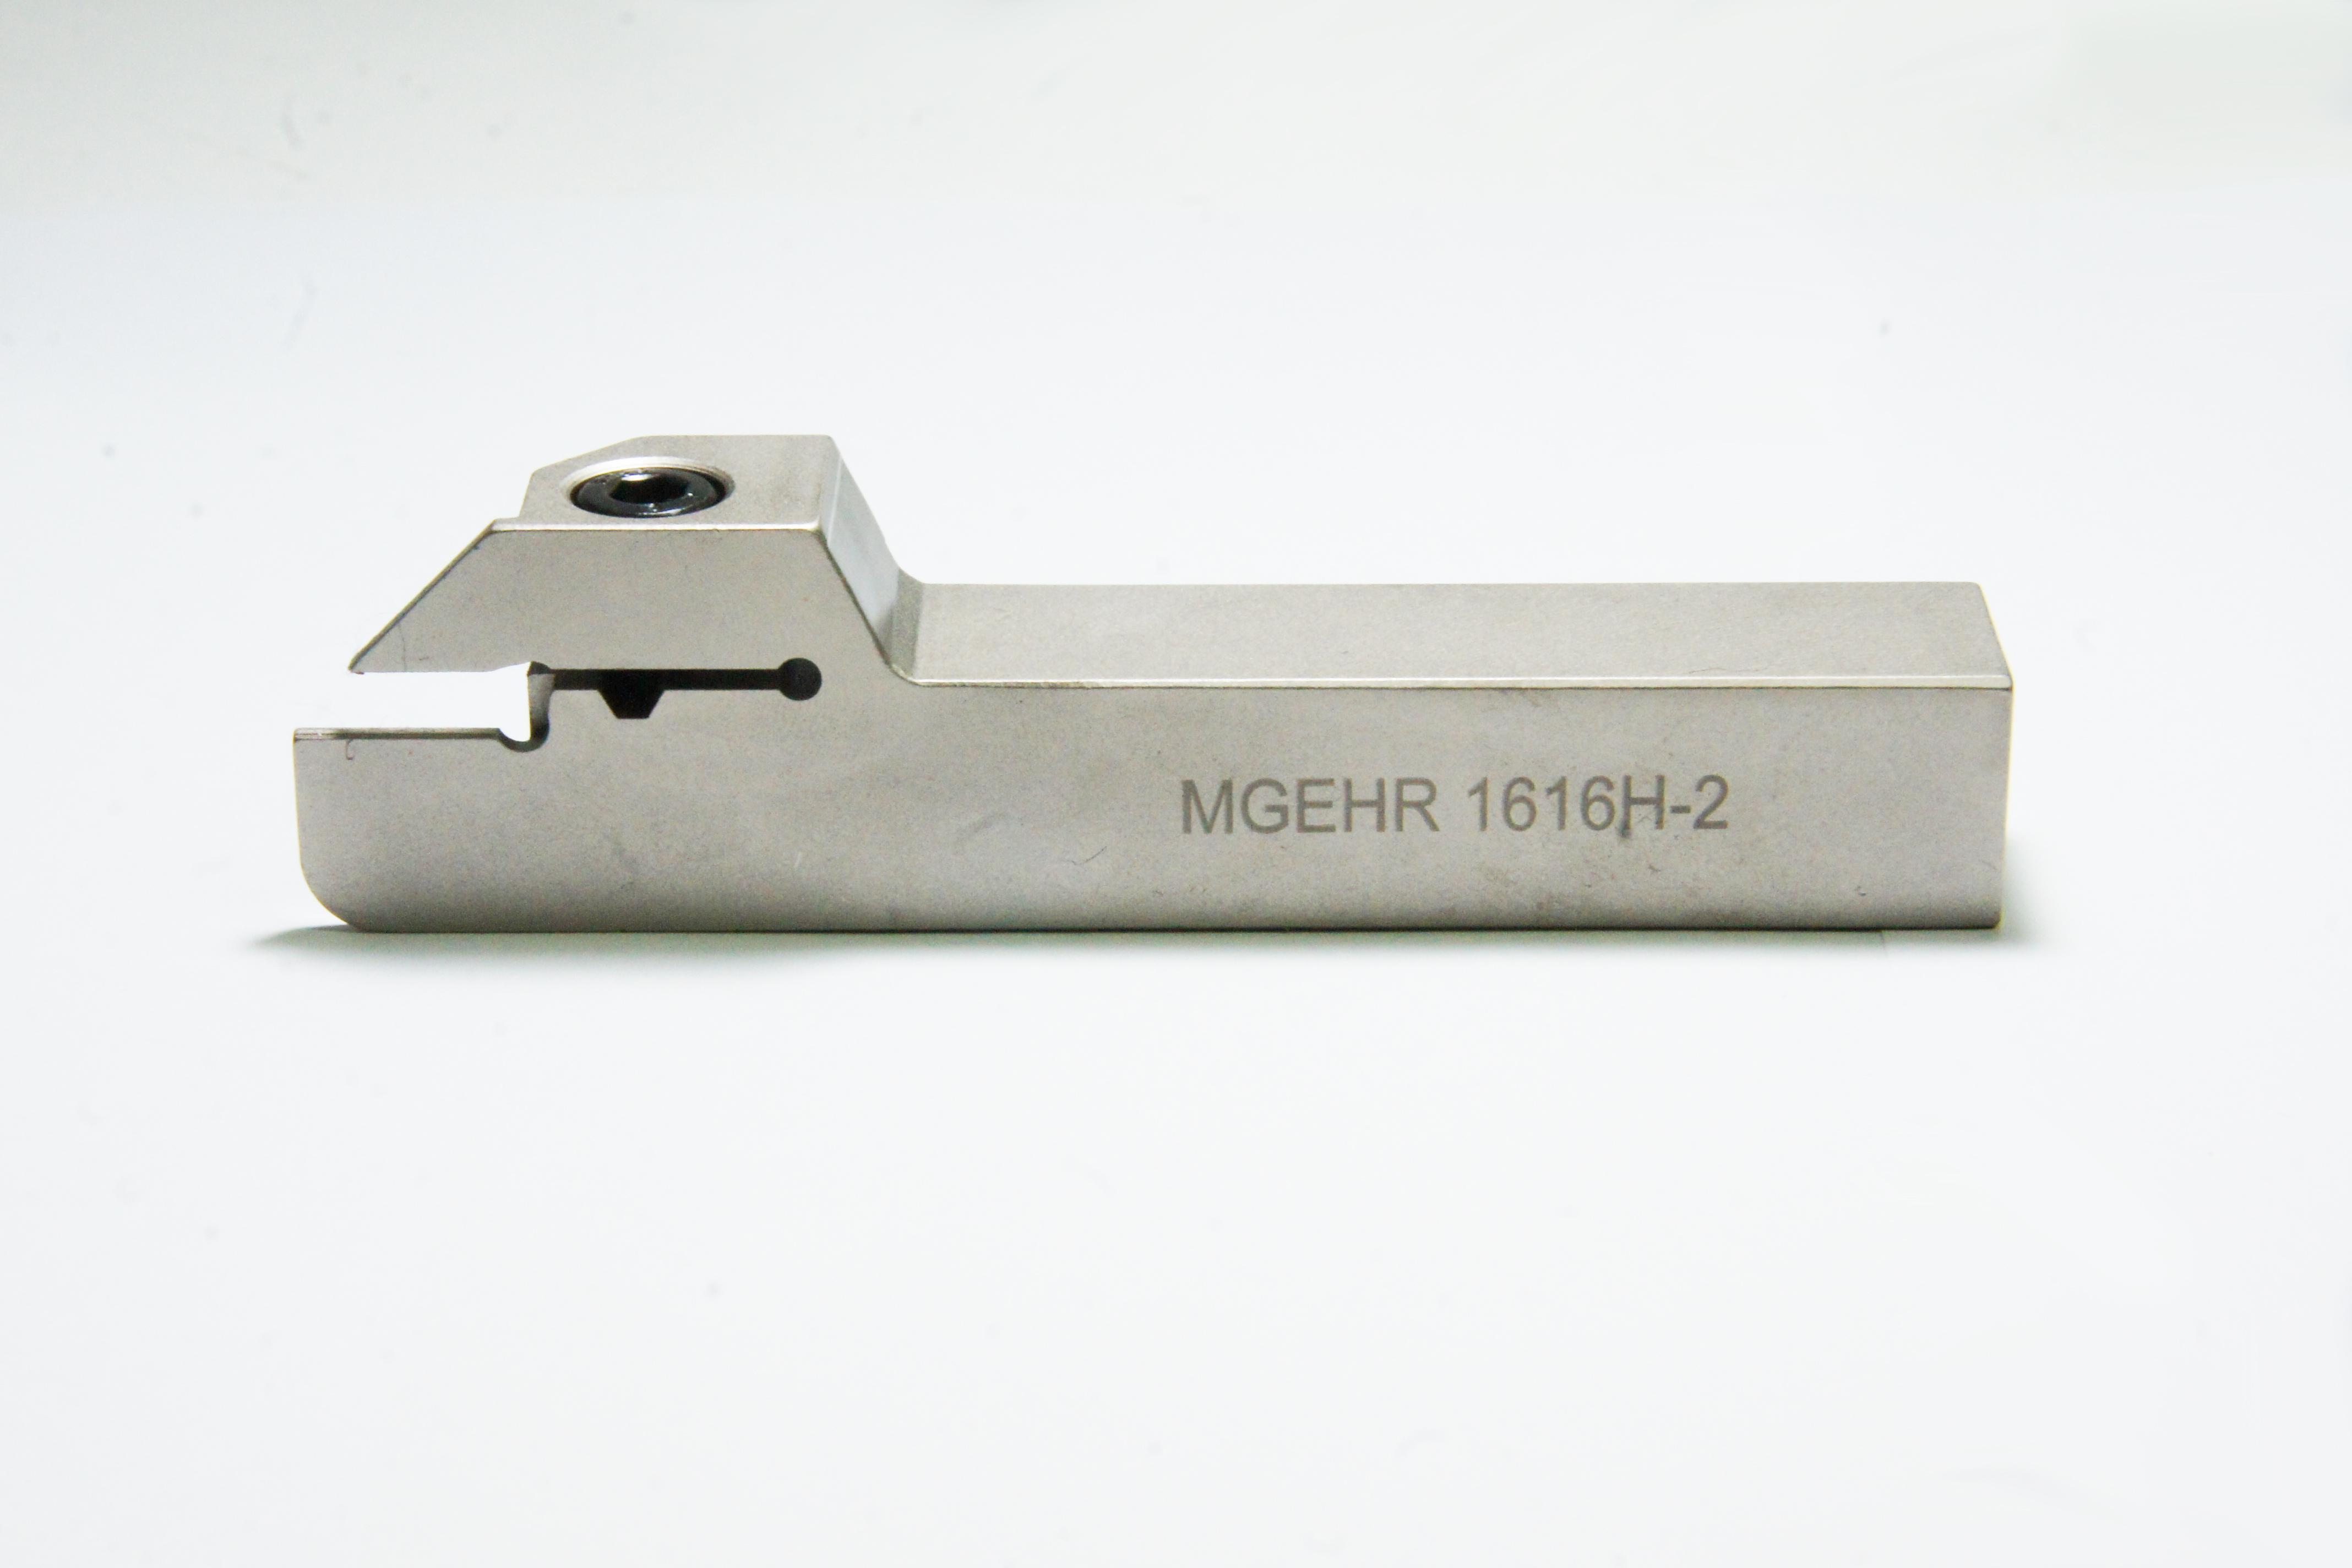 ด้ามมีดกลึงอินเสิร์ท / Lathe insert cutting tool